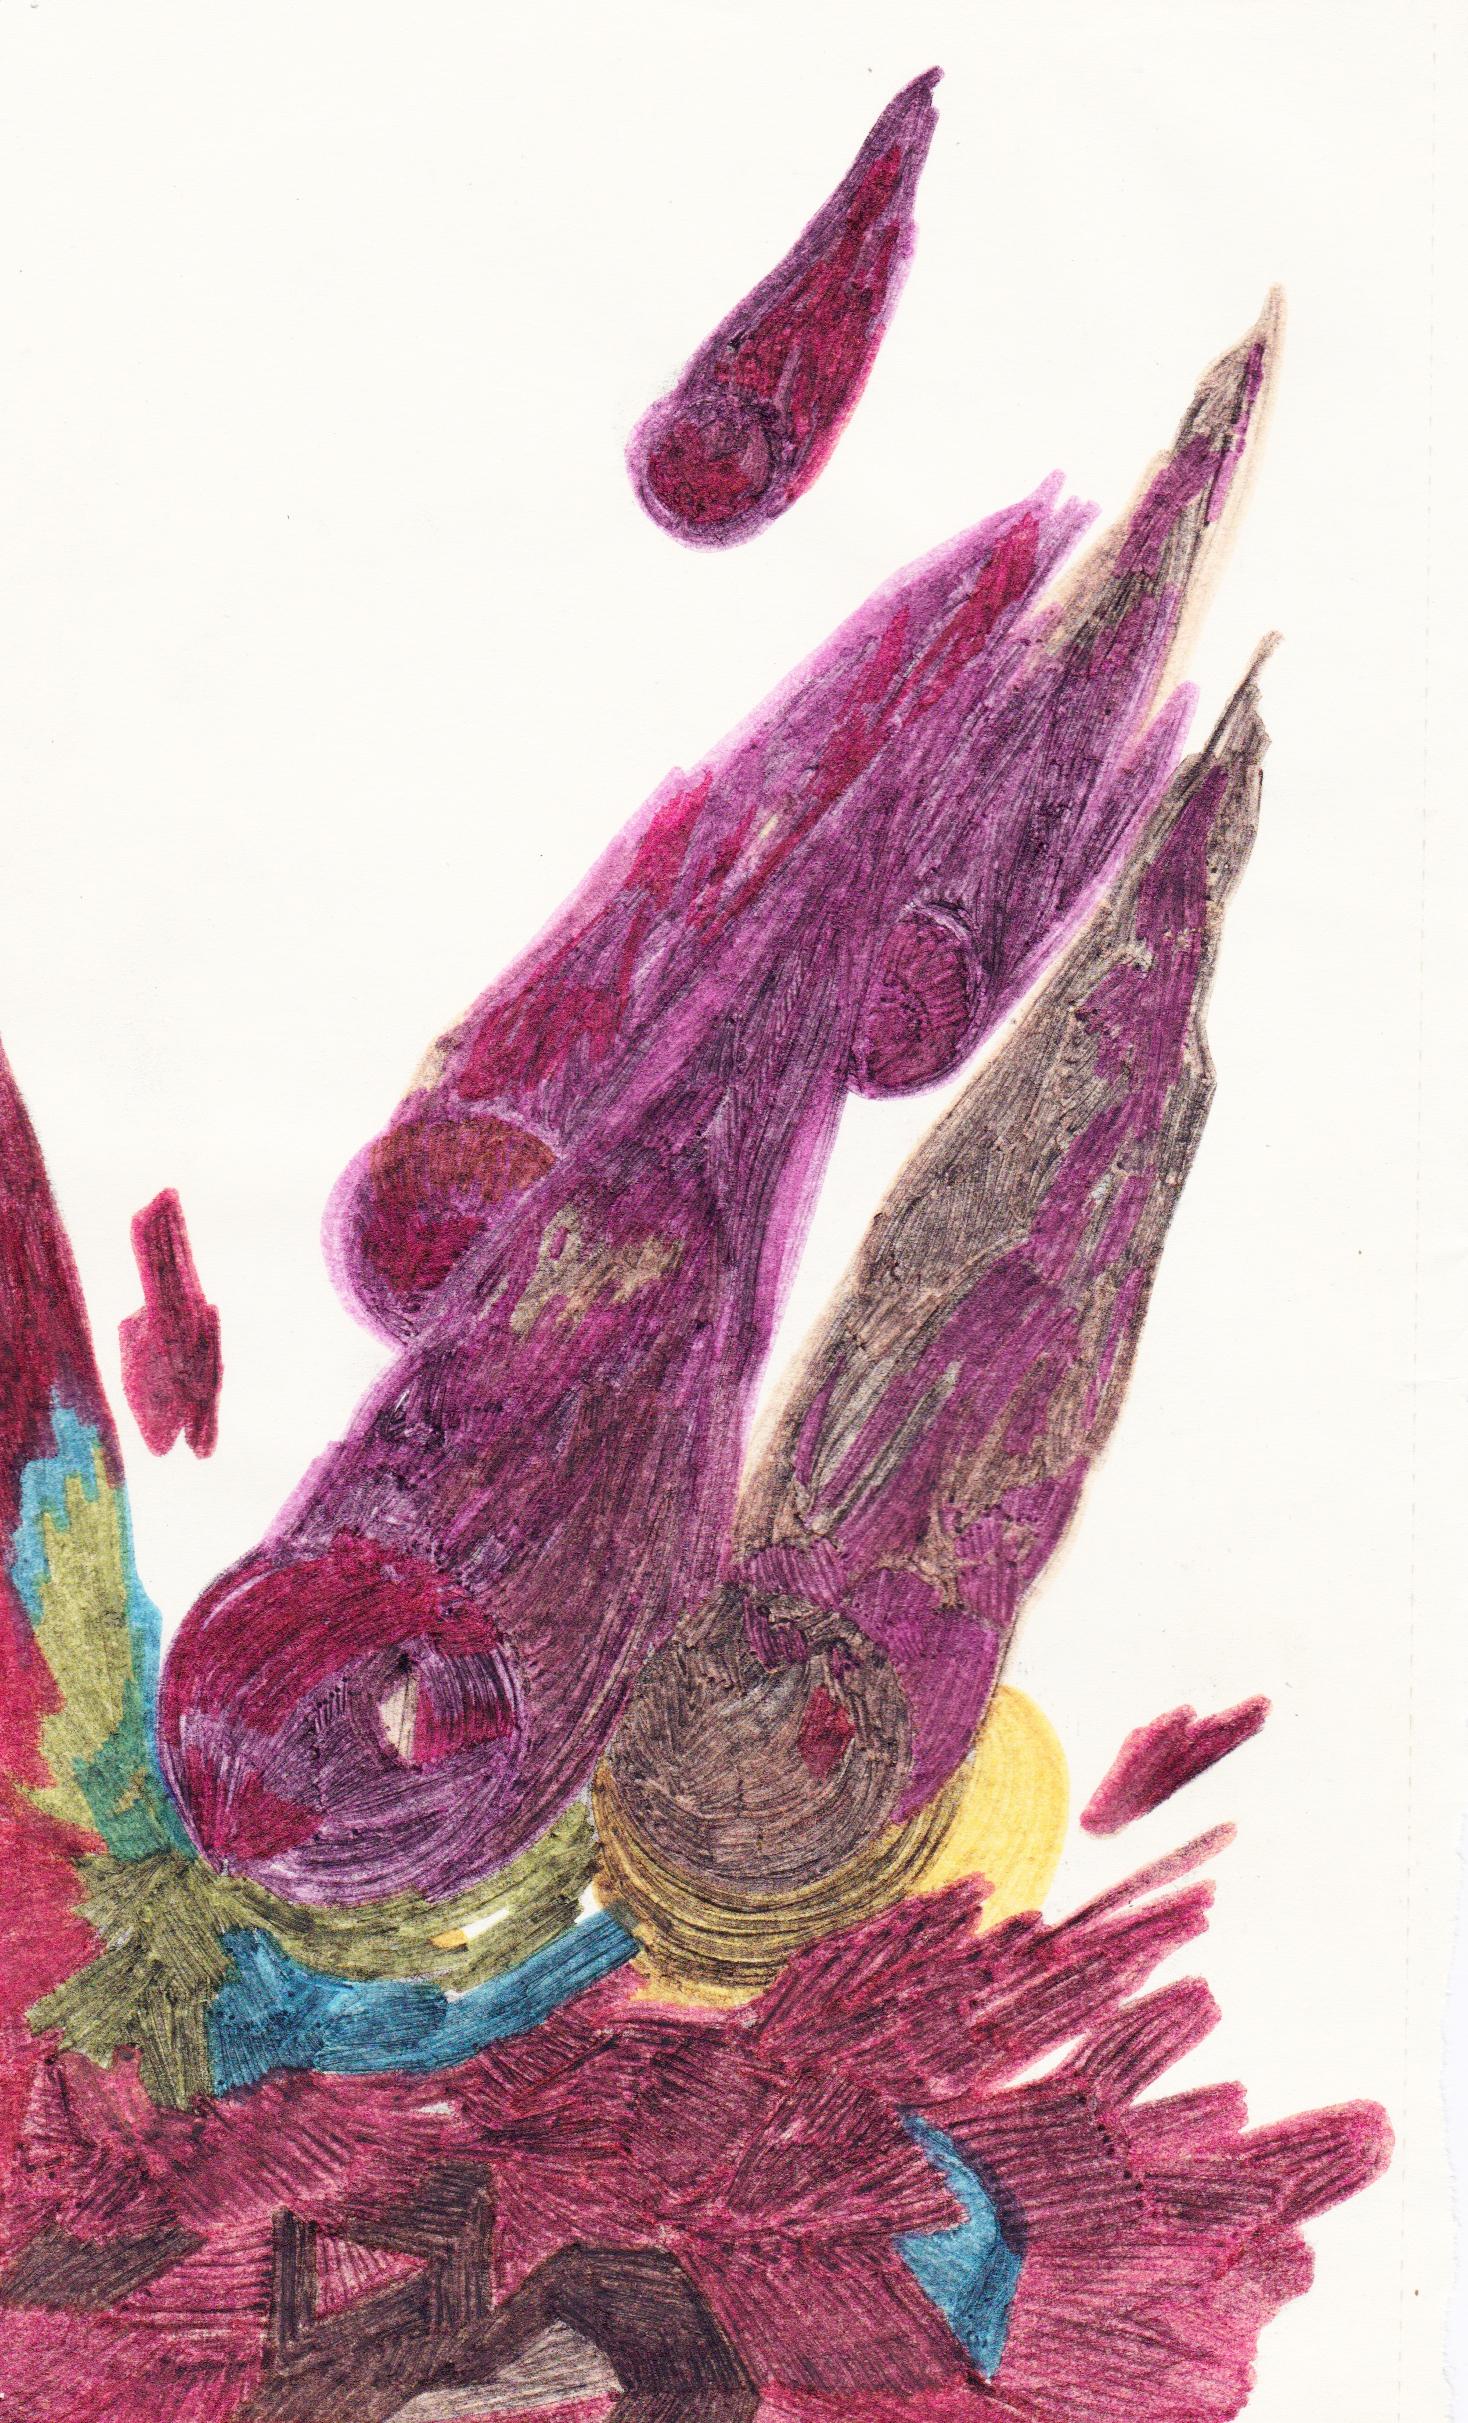 Comètes, dessin fusain/feutres, 2013